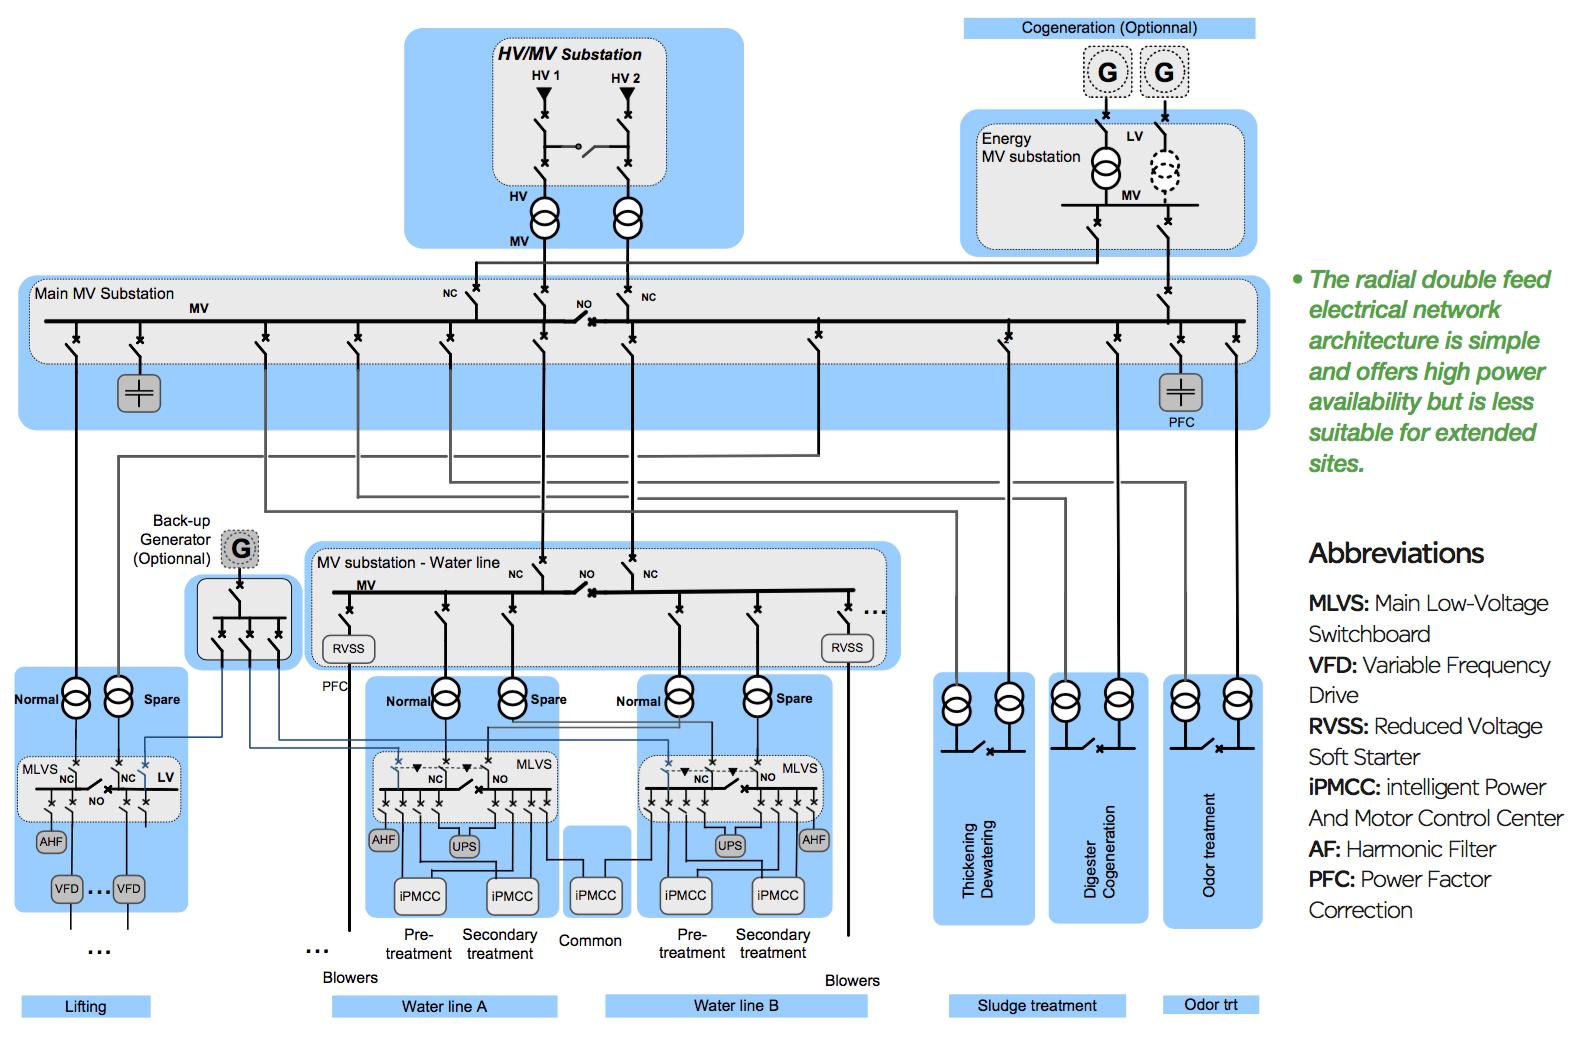 diagrams of the engineering design loop